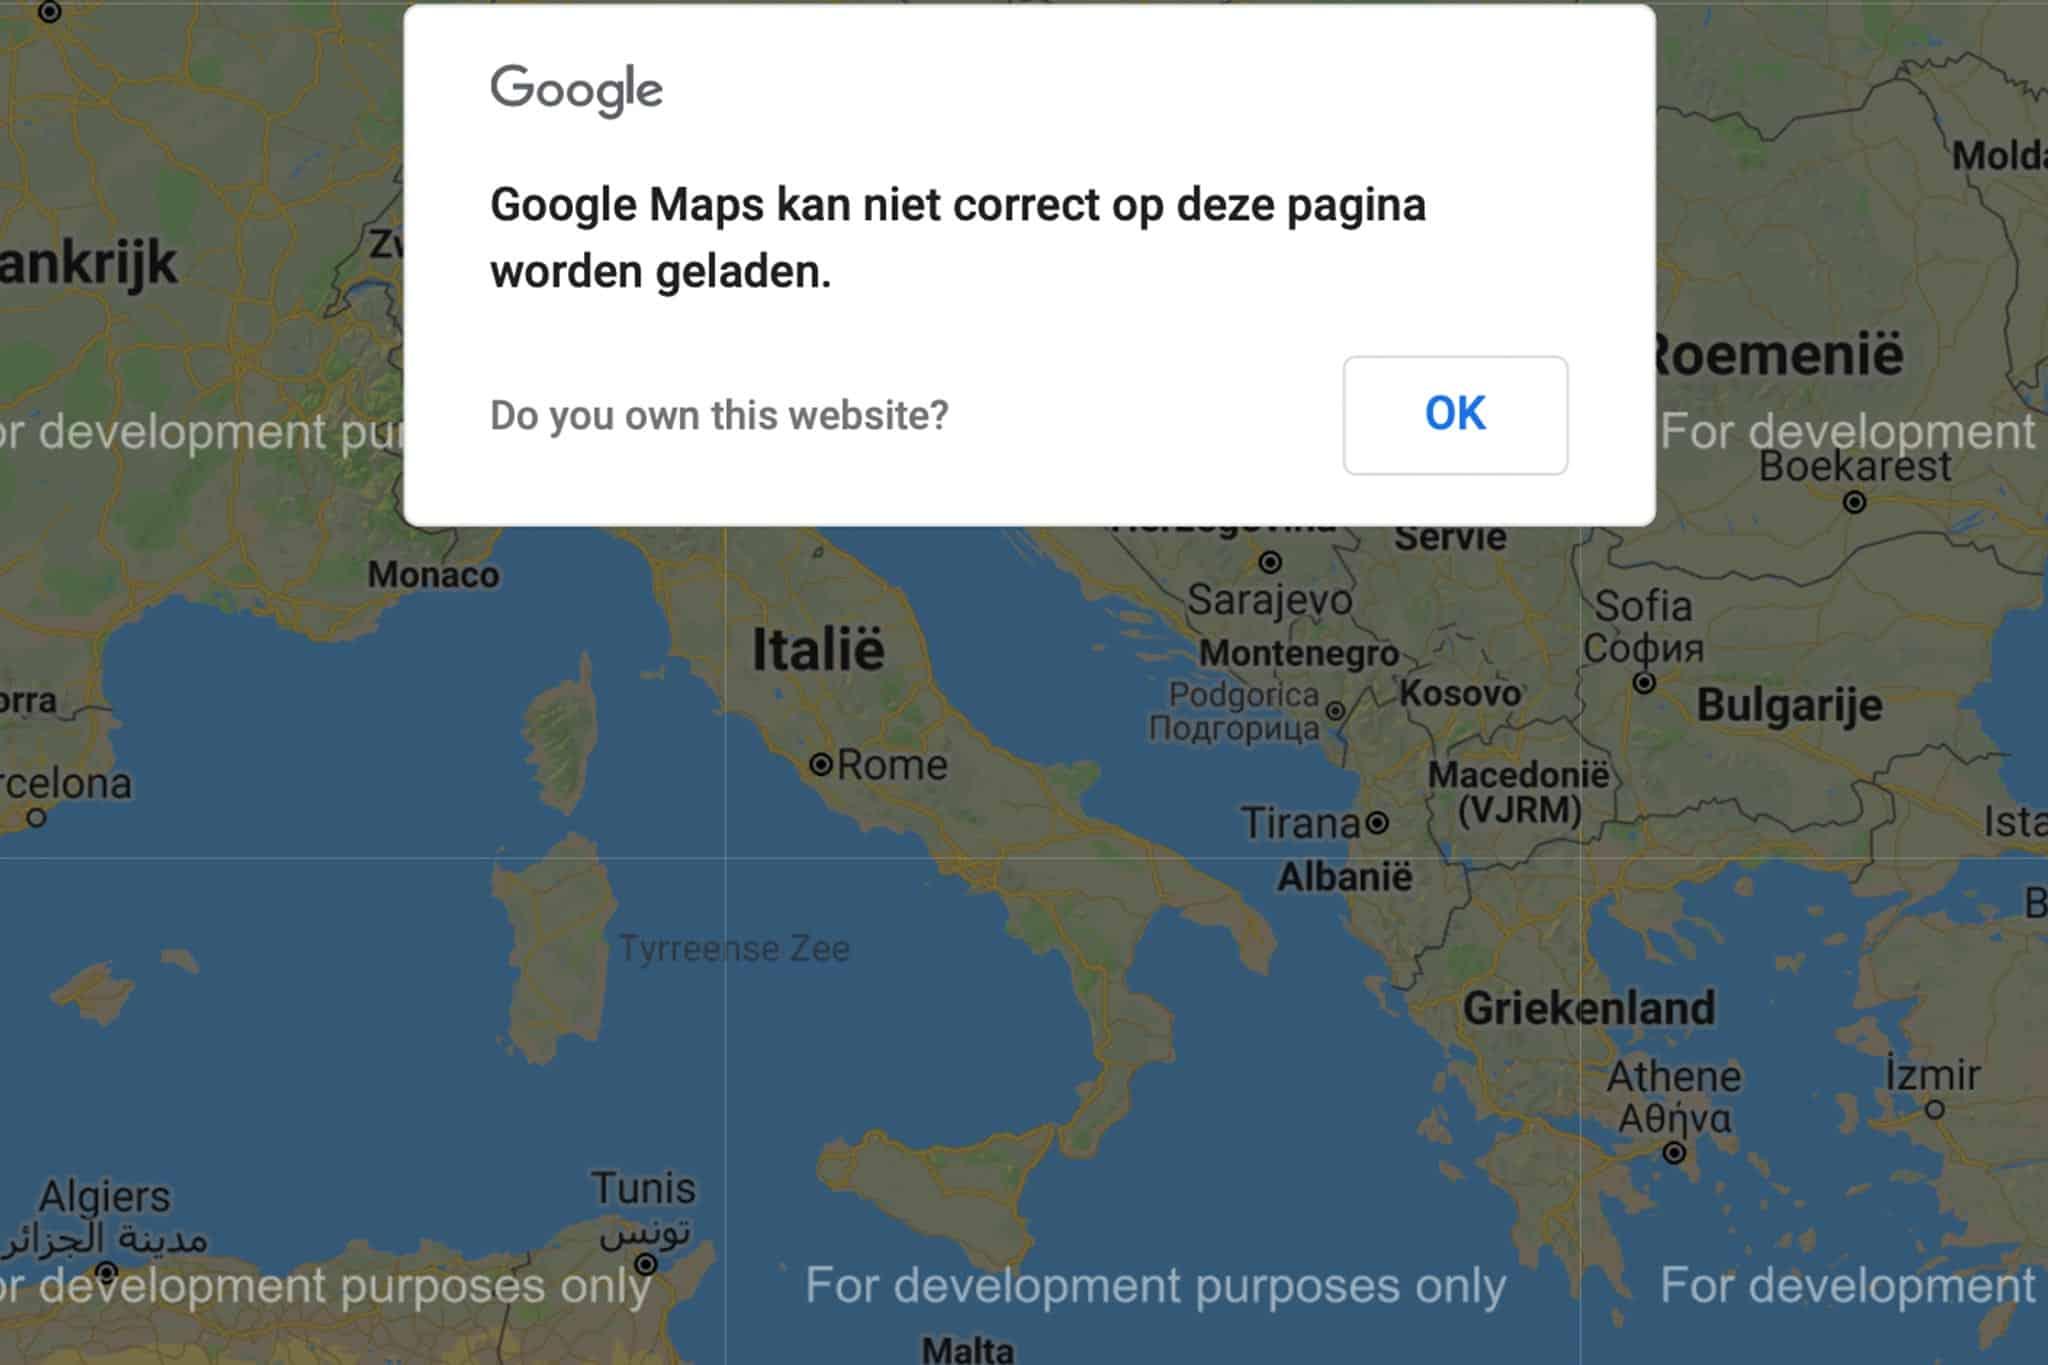 google-maps-kan-niet-correct-op-deze-pagina-worden-geladen